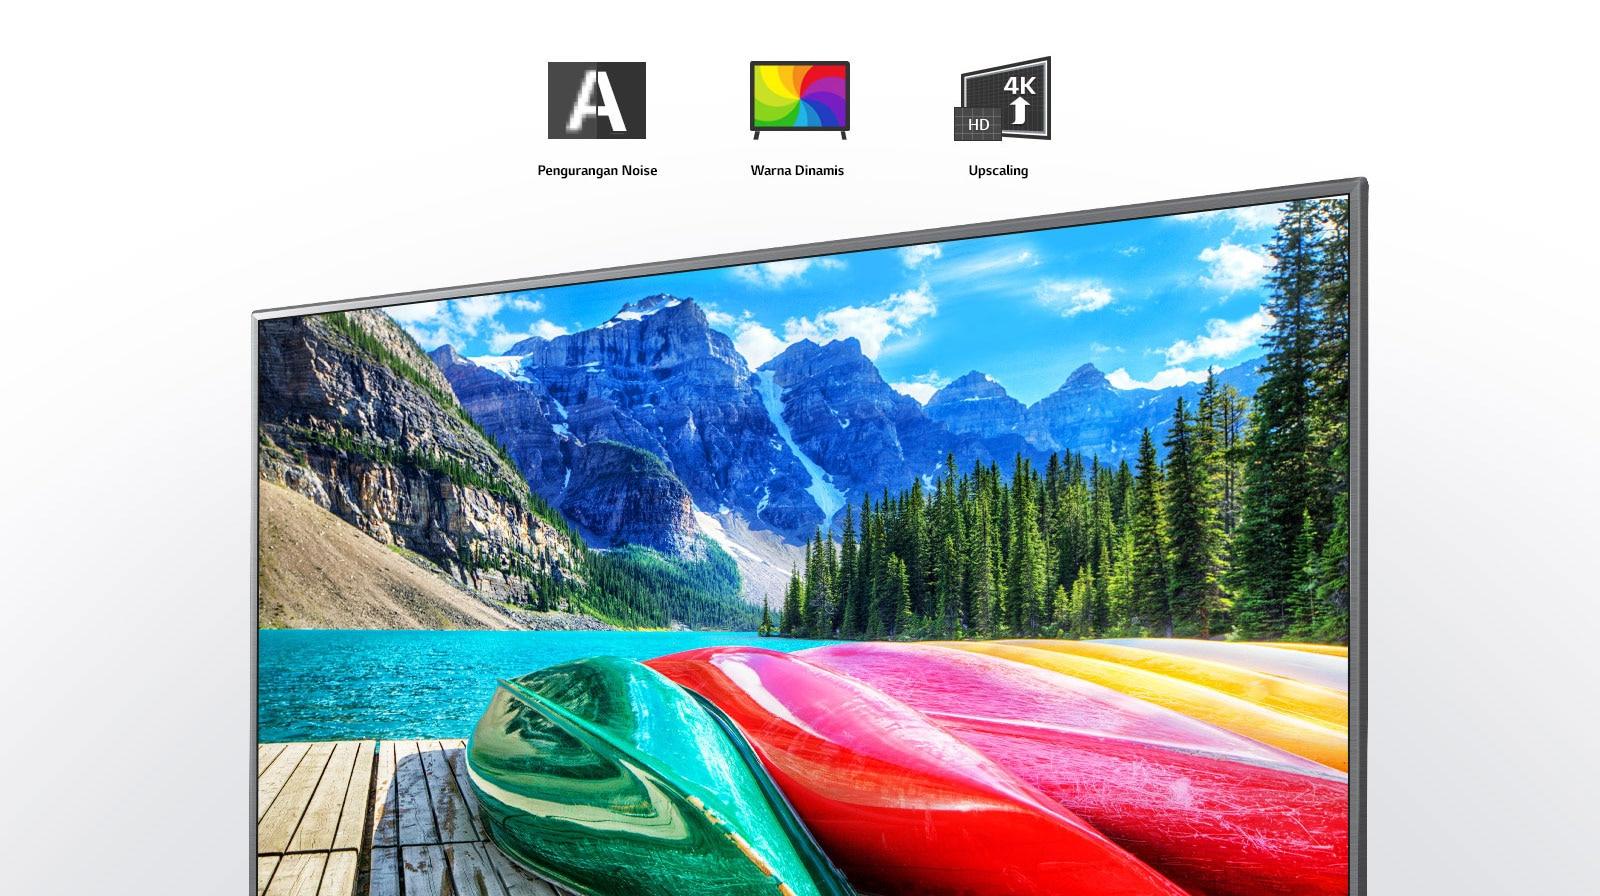 Ikon pengurangan noise, warna dinamis dan peningkatan gambar beserta layar TV yang menampilkan pemandangan gunung, hutan dan danau.